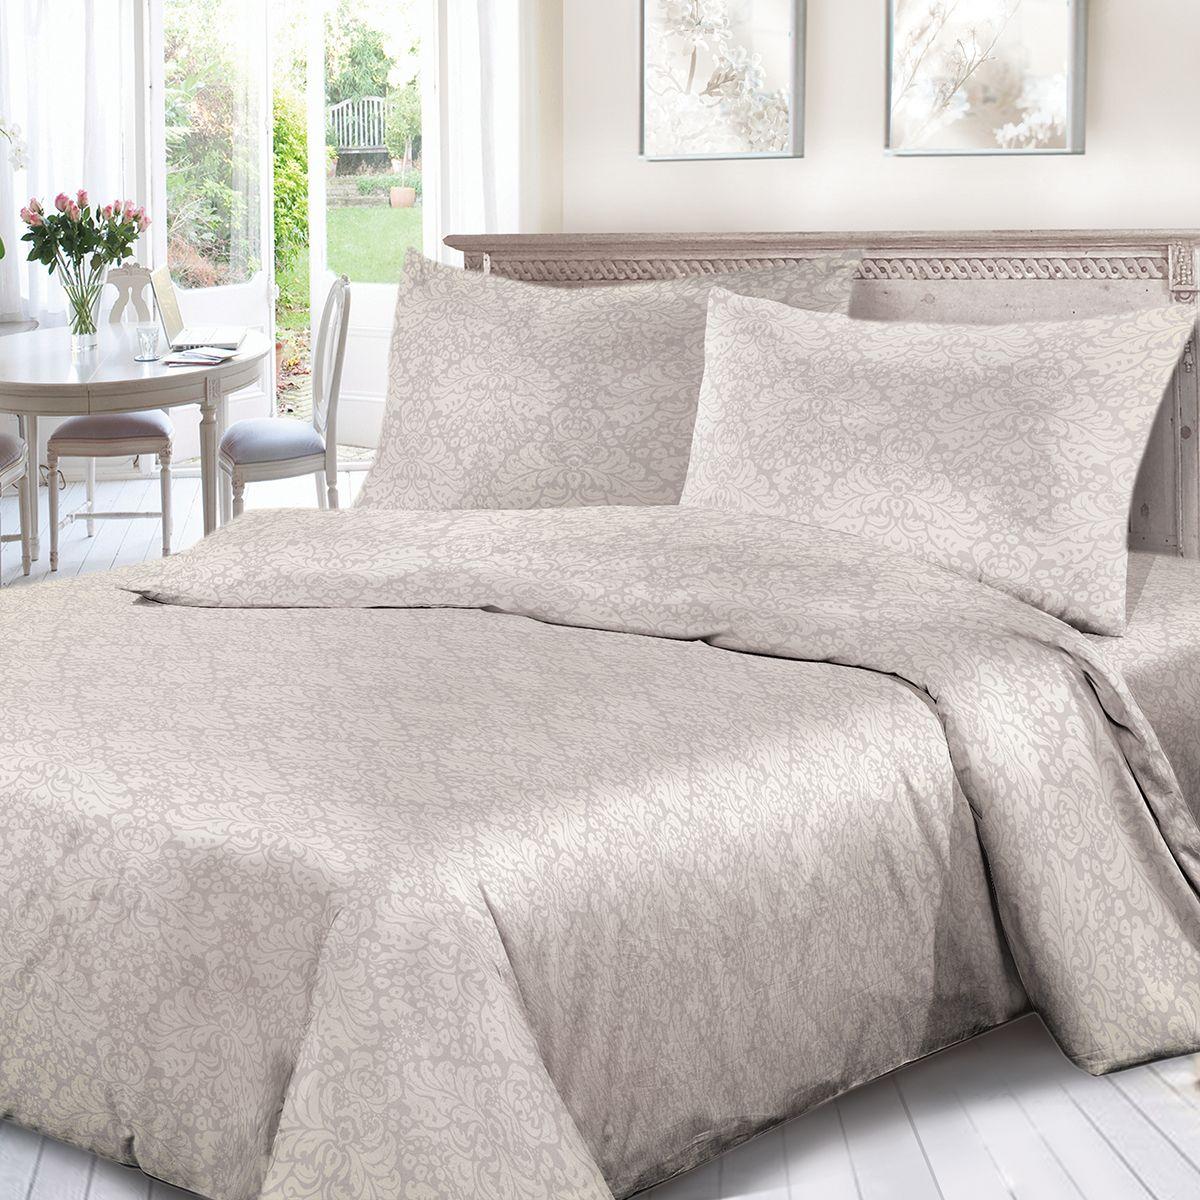 Комплект белья Сорренто Мирелла, 2-х спальное, наволочки 70x70, цвет: светло-бежевый. 4125-190434